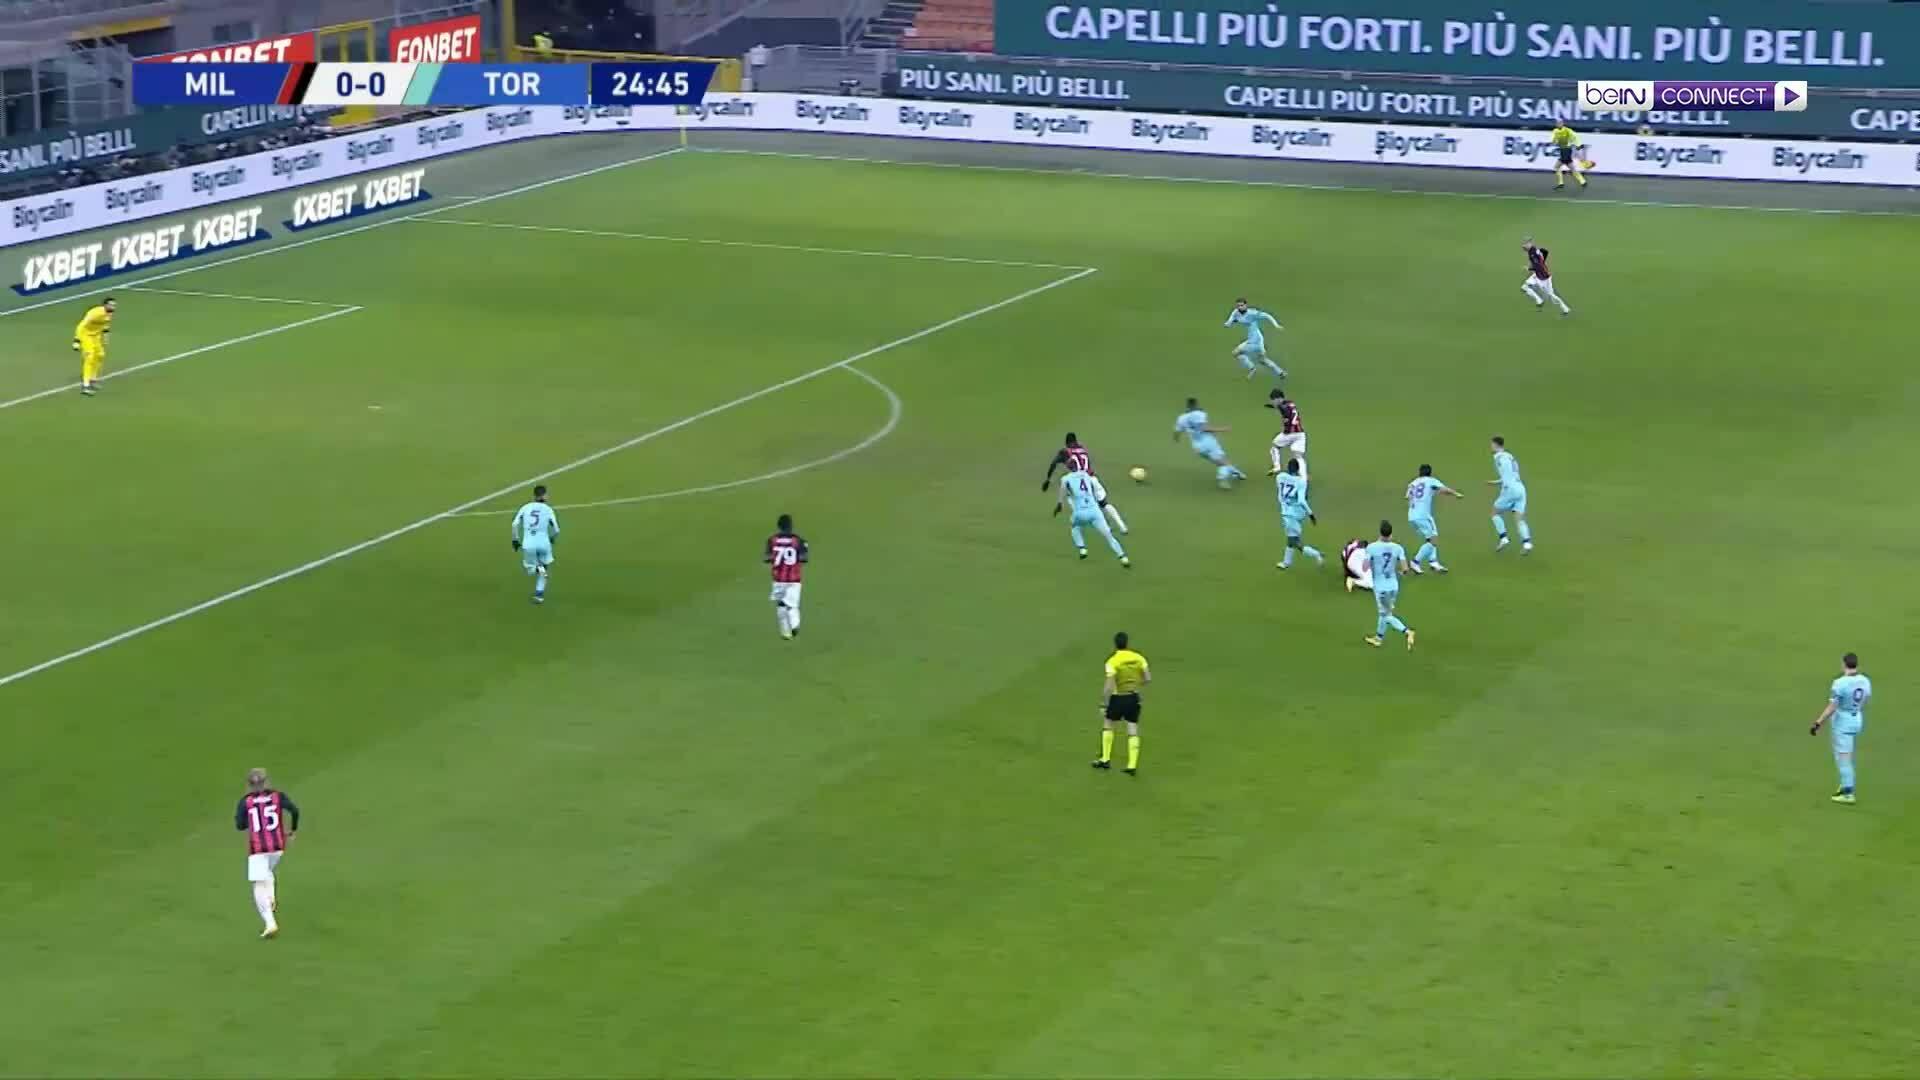 AC Milan 2-0 Torino